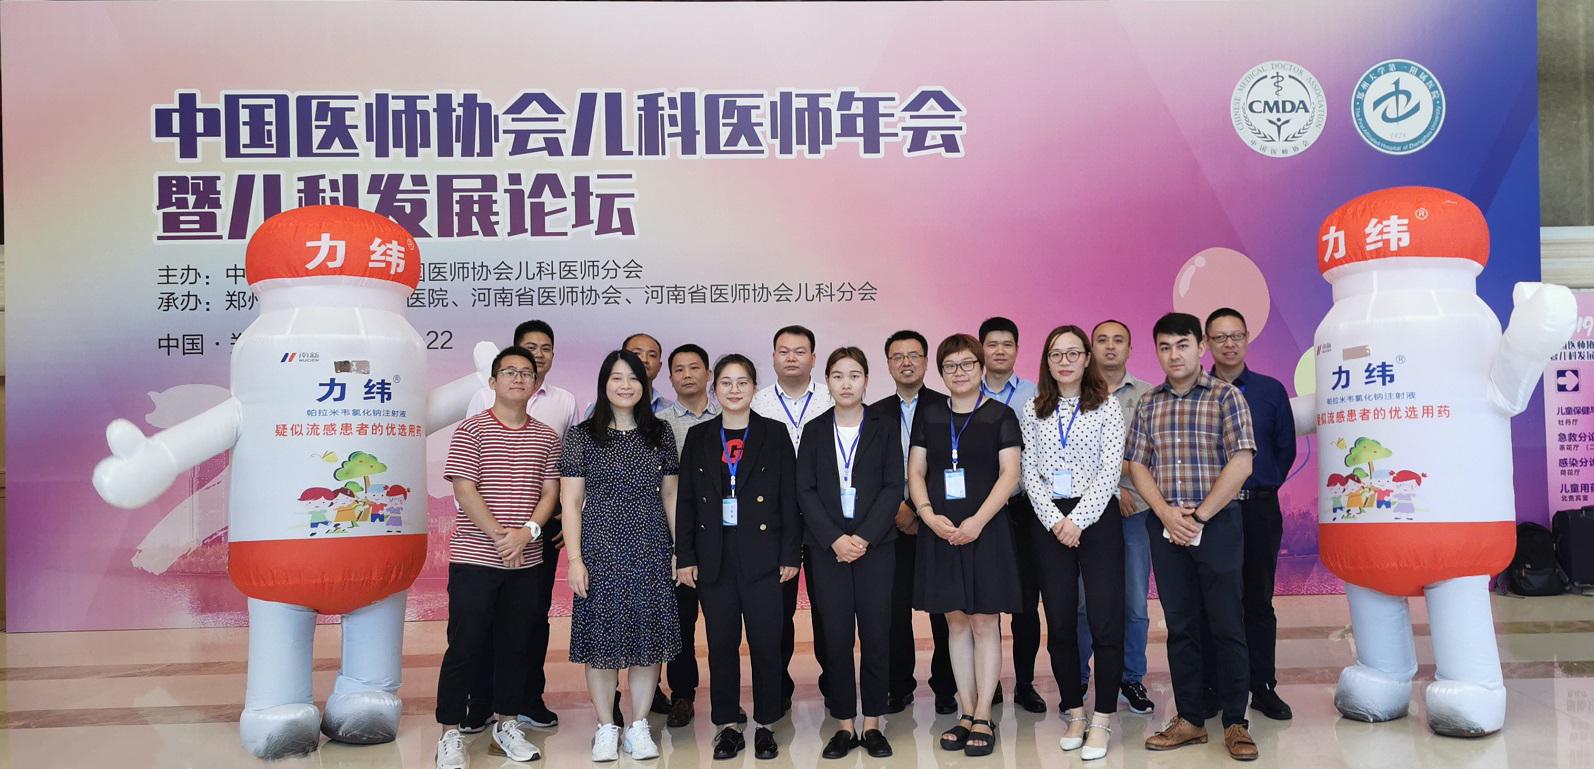 省药材集团携手帕拉米韦祝贺中国儿科医师年会圆满落幕